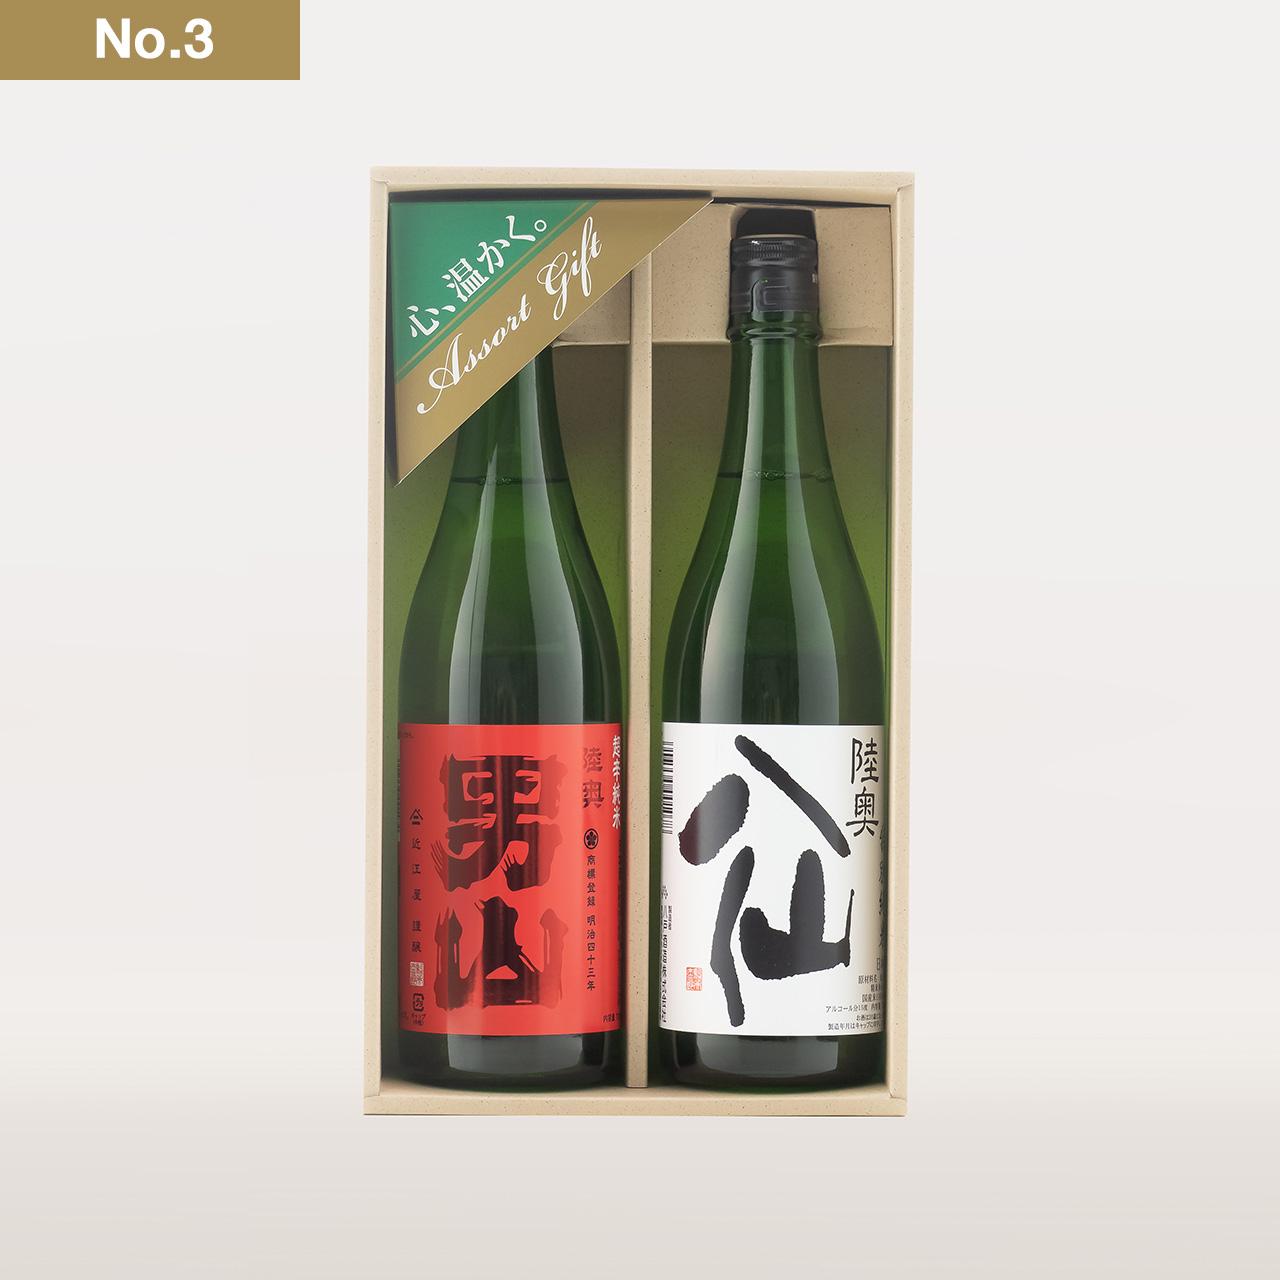 定番酒を楽しむ! 男山&八仙 2本セット